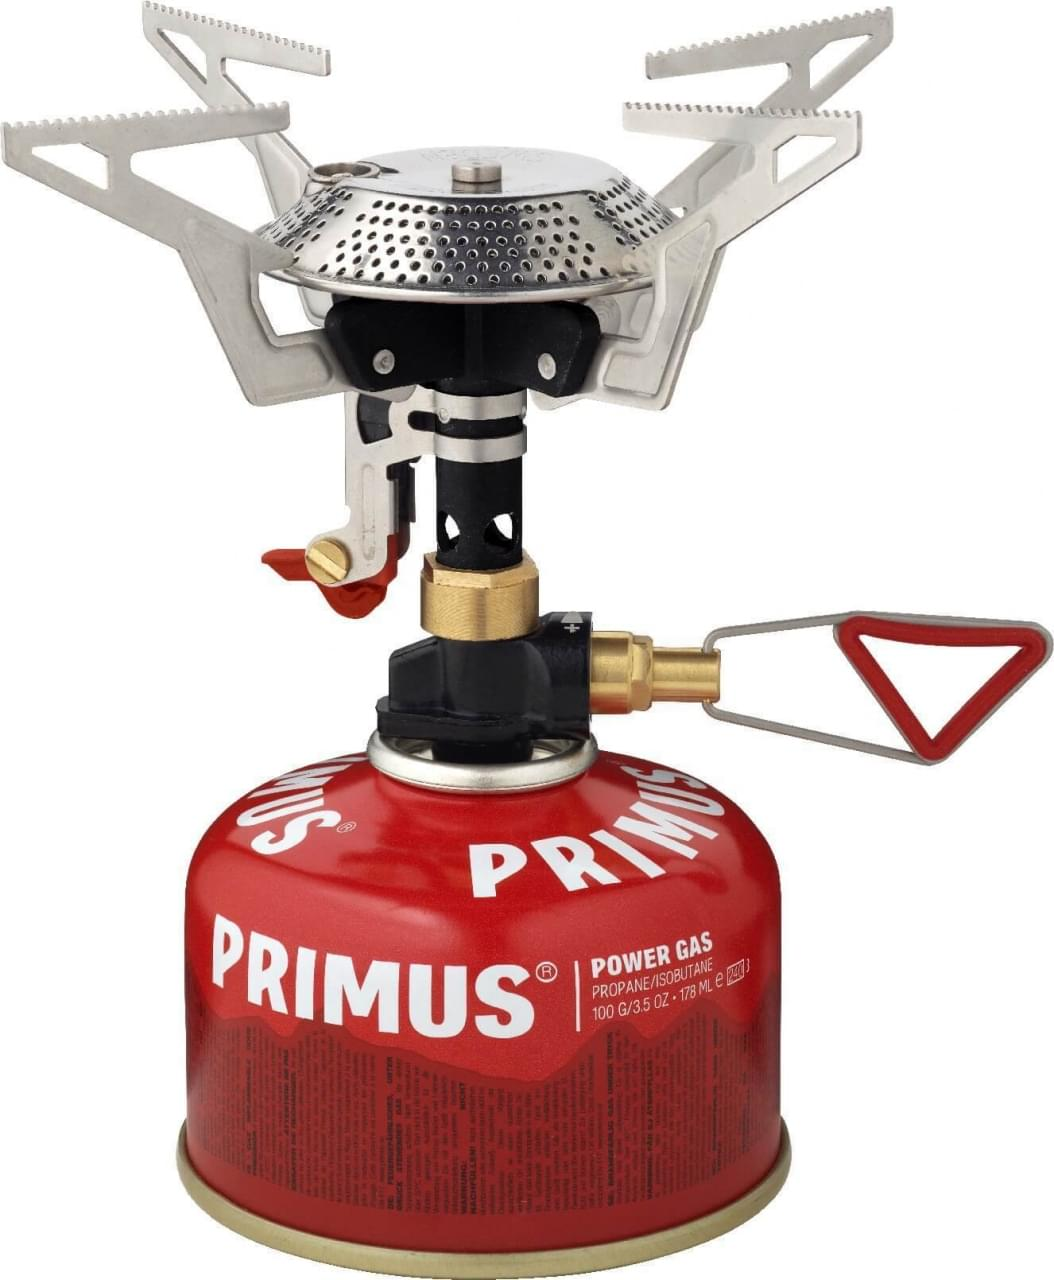 Primus PowerTrail Stove Piezo Reg. Gasbrander